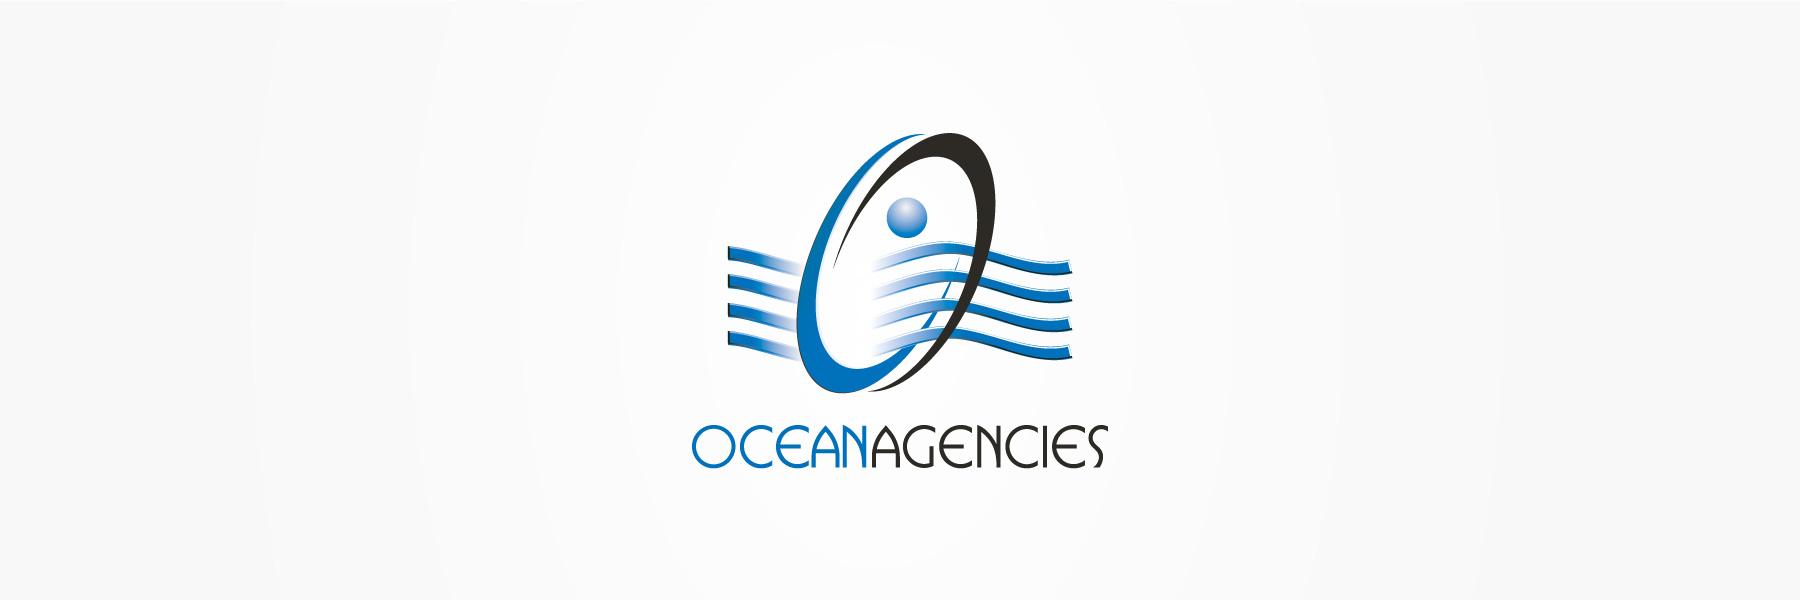 Ocean-agencies-logo-design